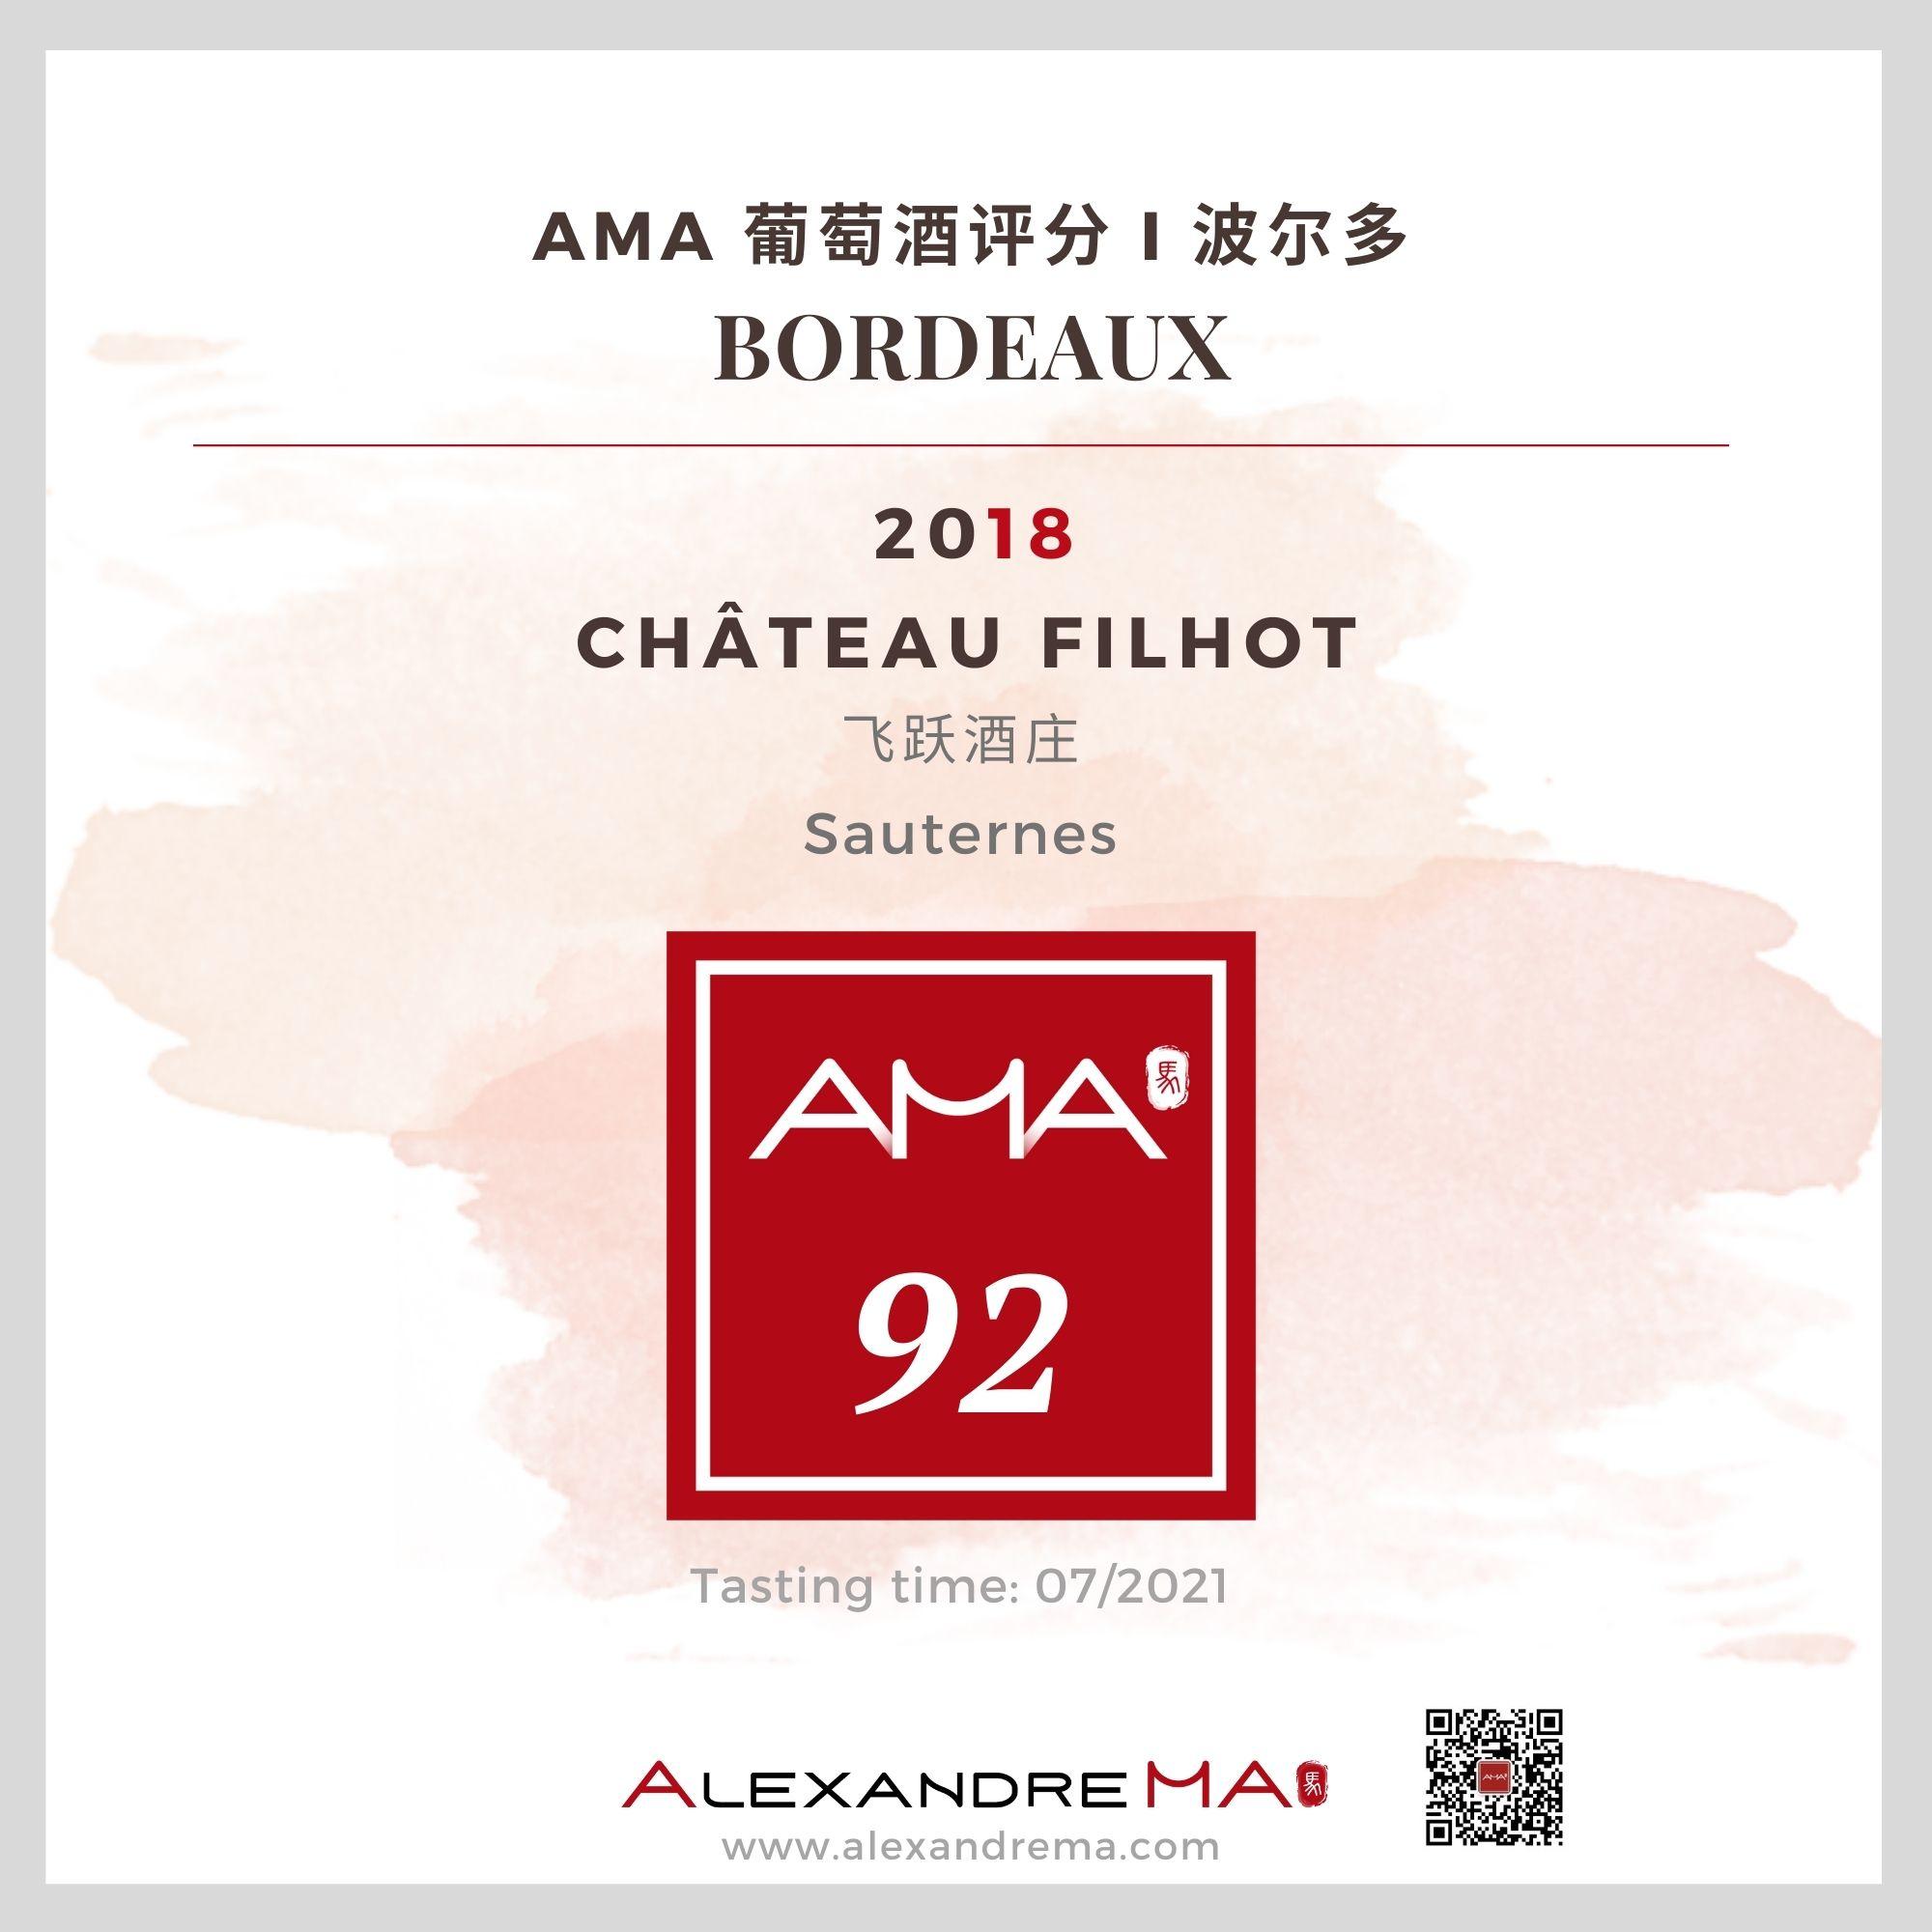 Château Filhot 2018 飞跃酒庄 - Alexandre Ma